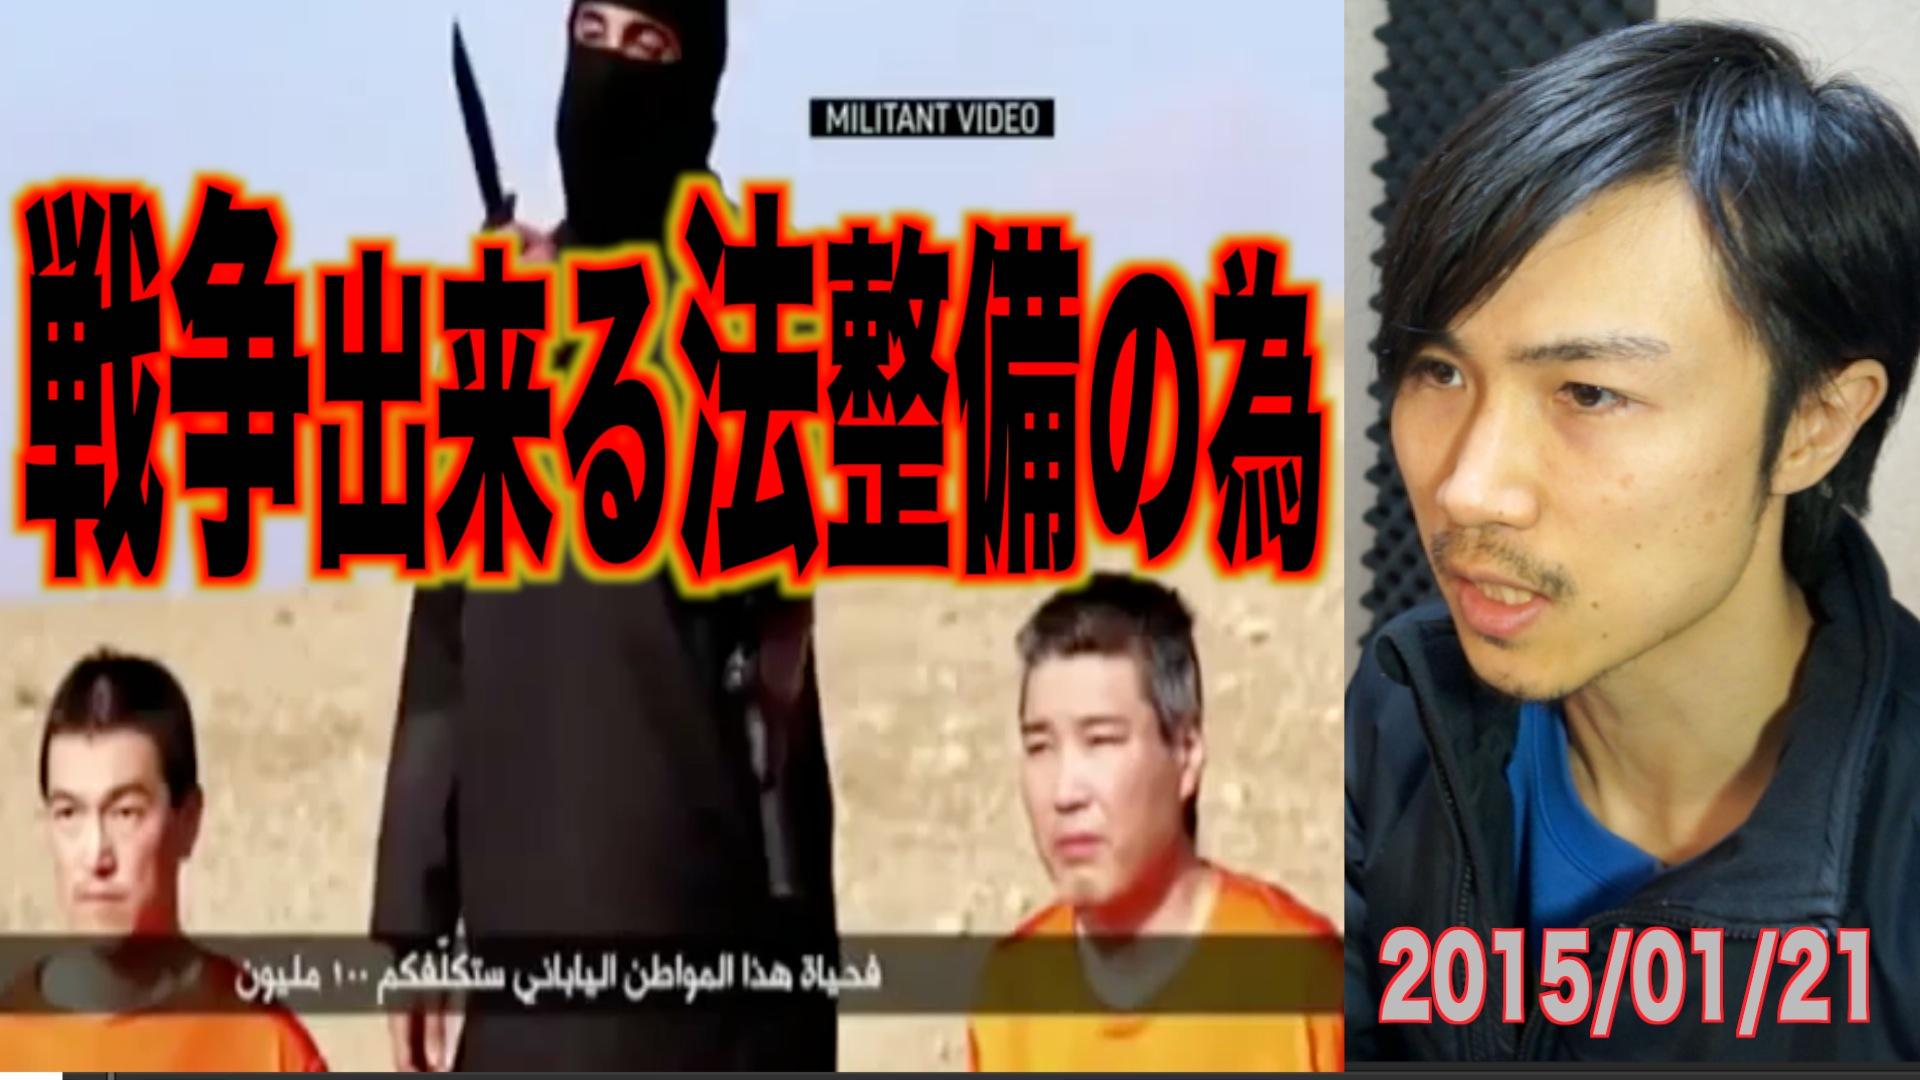 イスラム国殺害動画 1